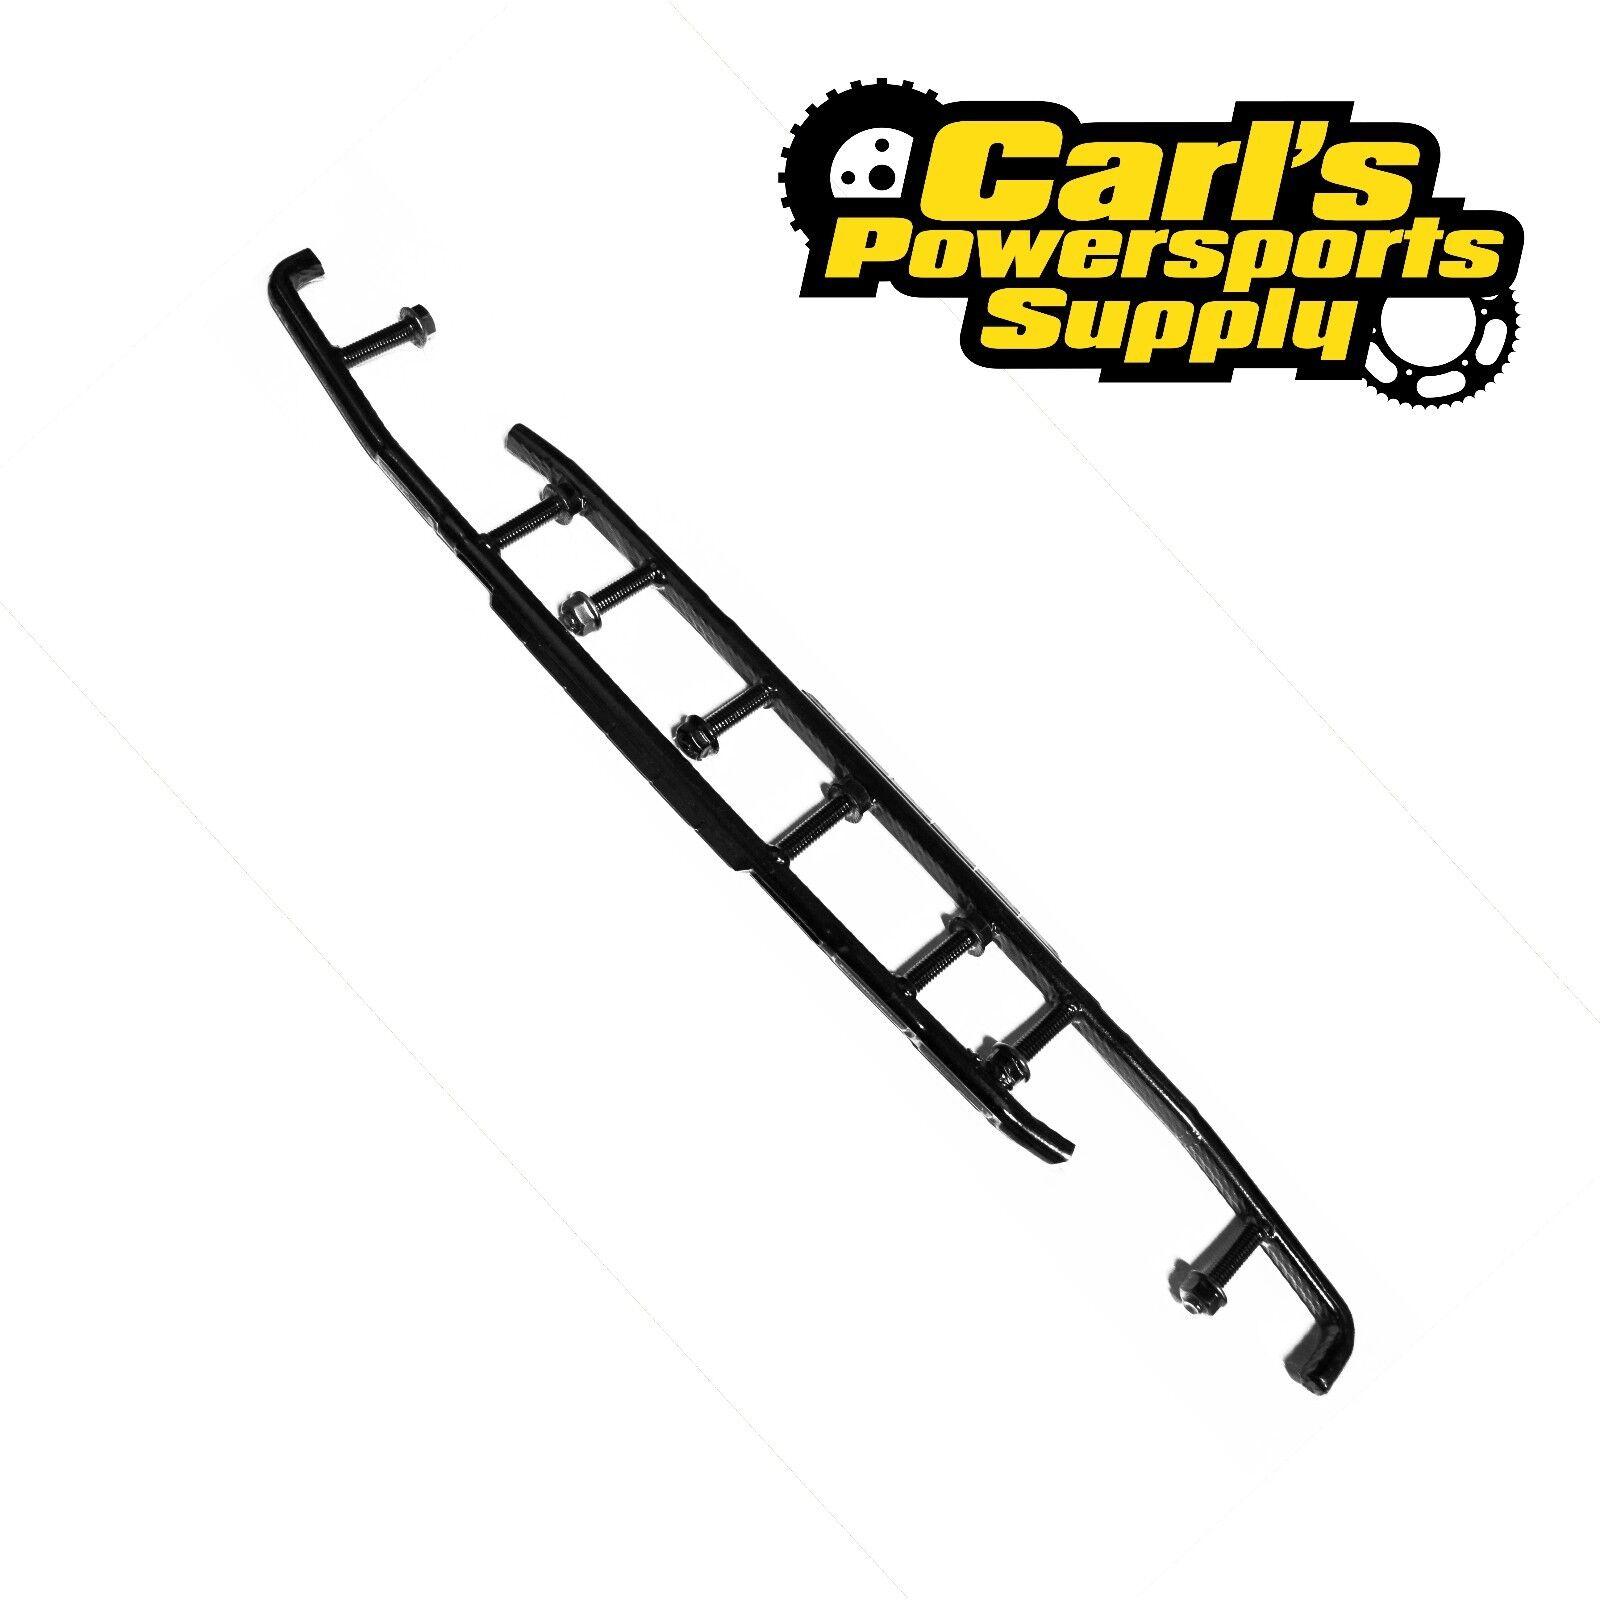 """ARCTIC CAT/YAMAHA COMPOSITE SKI CARBIDE WEARBAR 6"""" W/ WEARPADS (1/2"""" bar) 9975"""